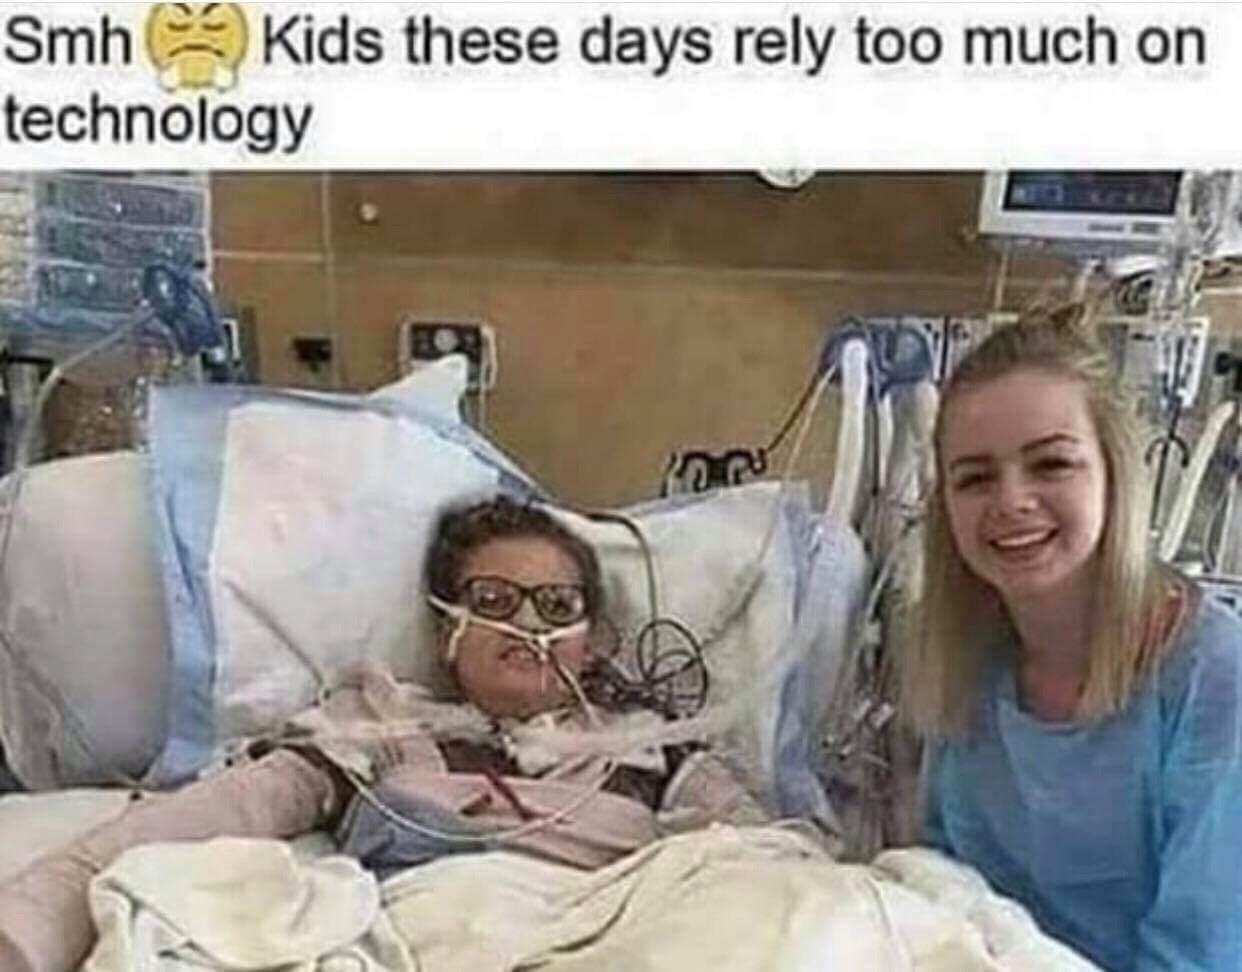 Kids these days smh - meme